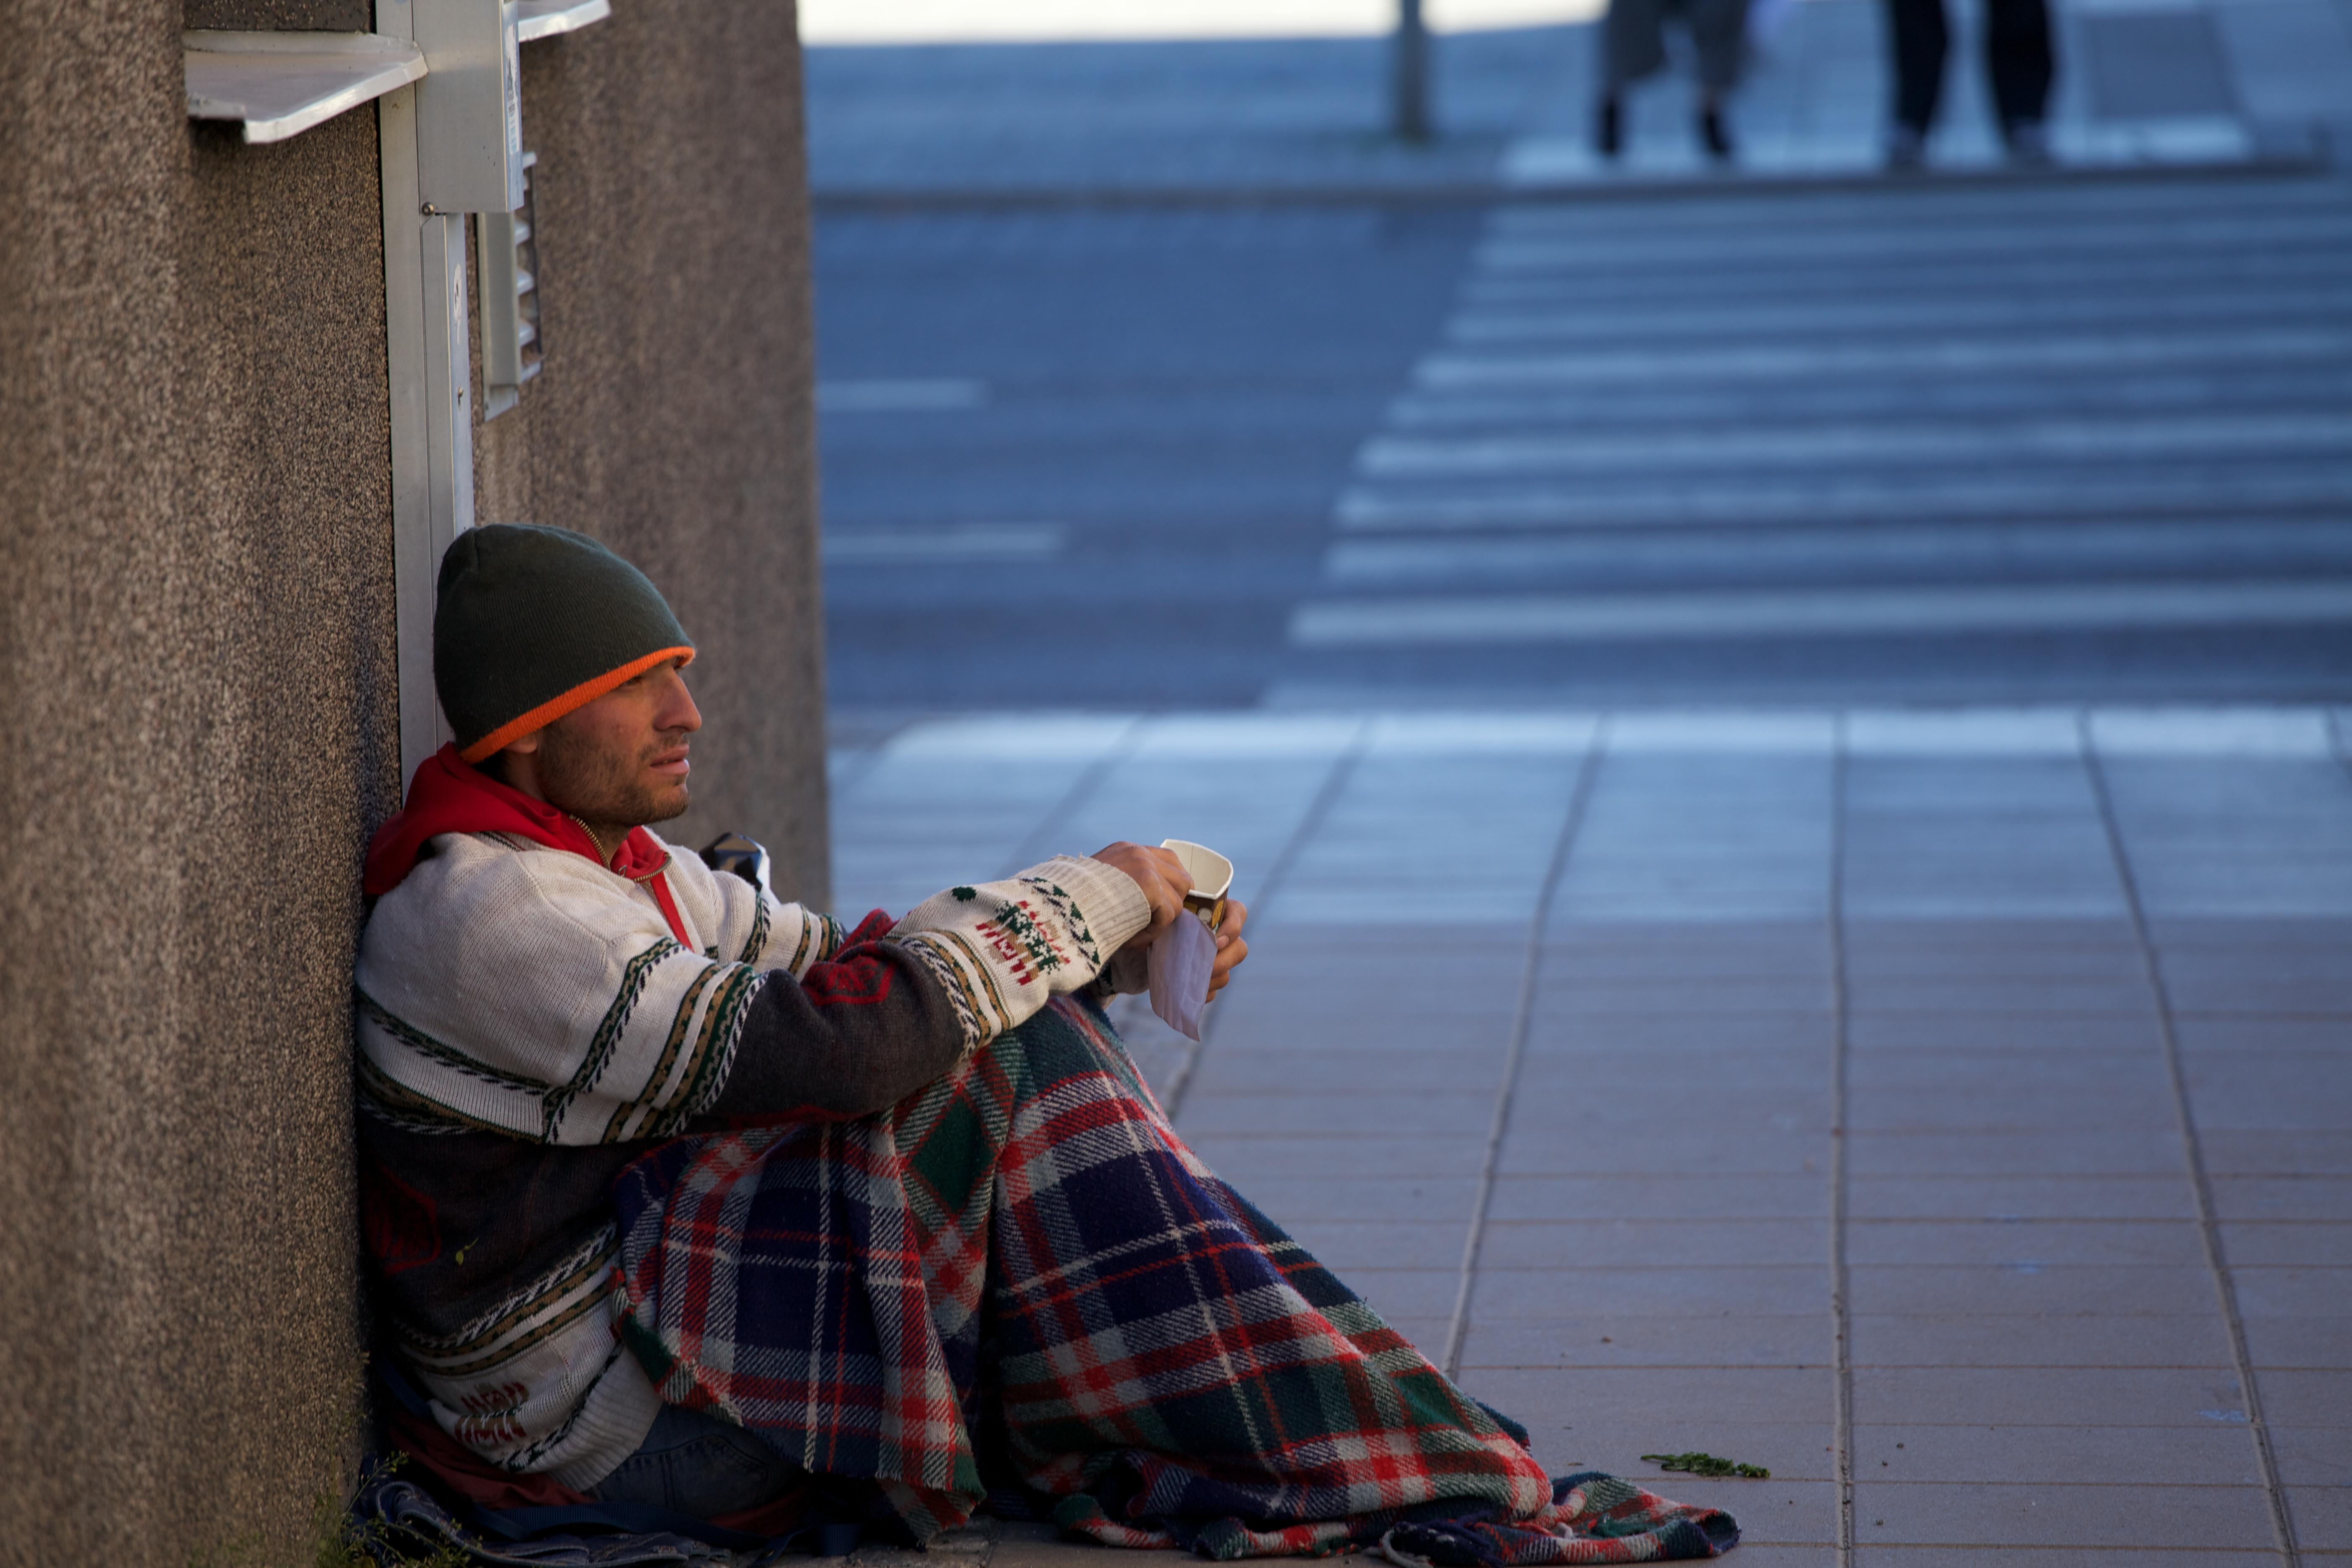 how to describe a beggar